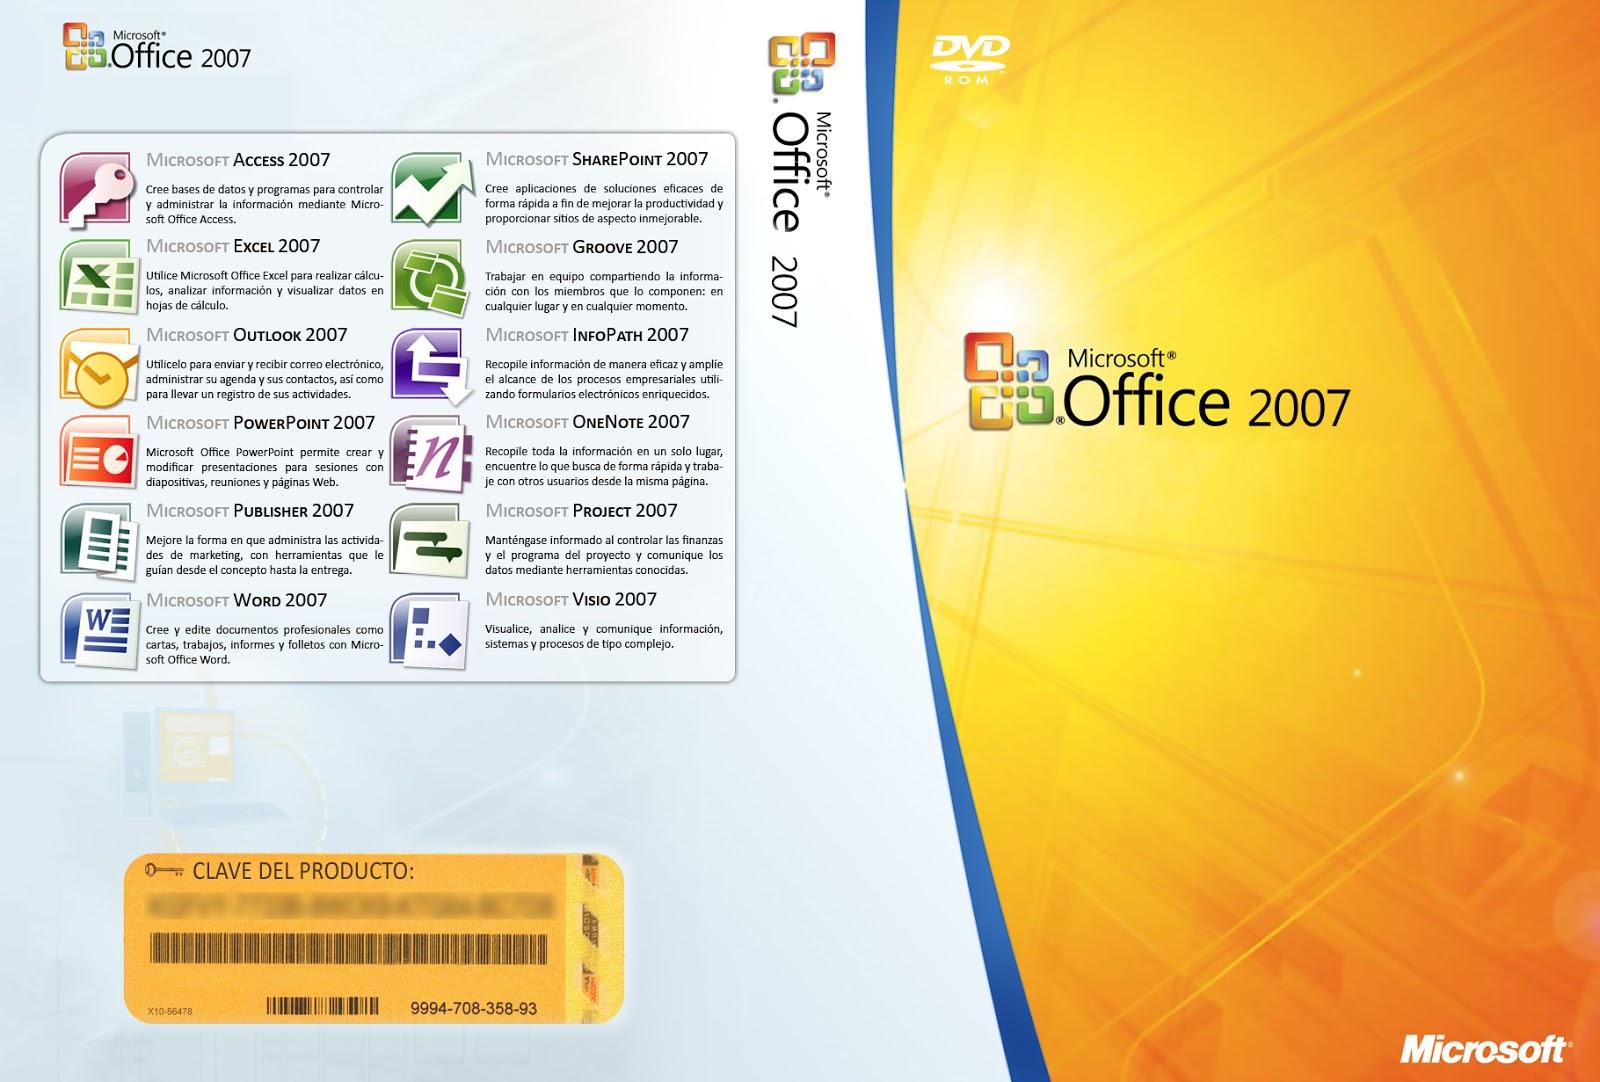 برنامج Microsoft office 2007 + تفعيل الملف مجاني Microsoft%2BOffice%2B2007%2BOfficial%2BFree%2BDownload%2BCover